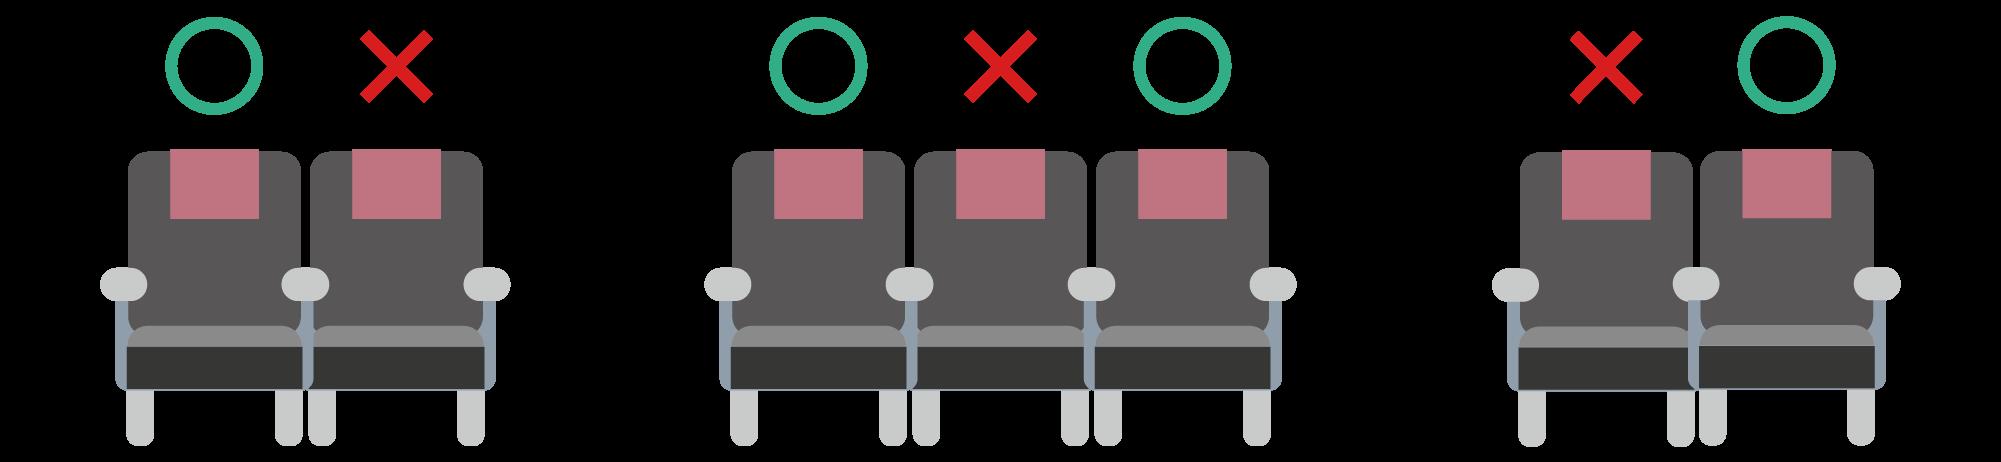 座席指定767